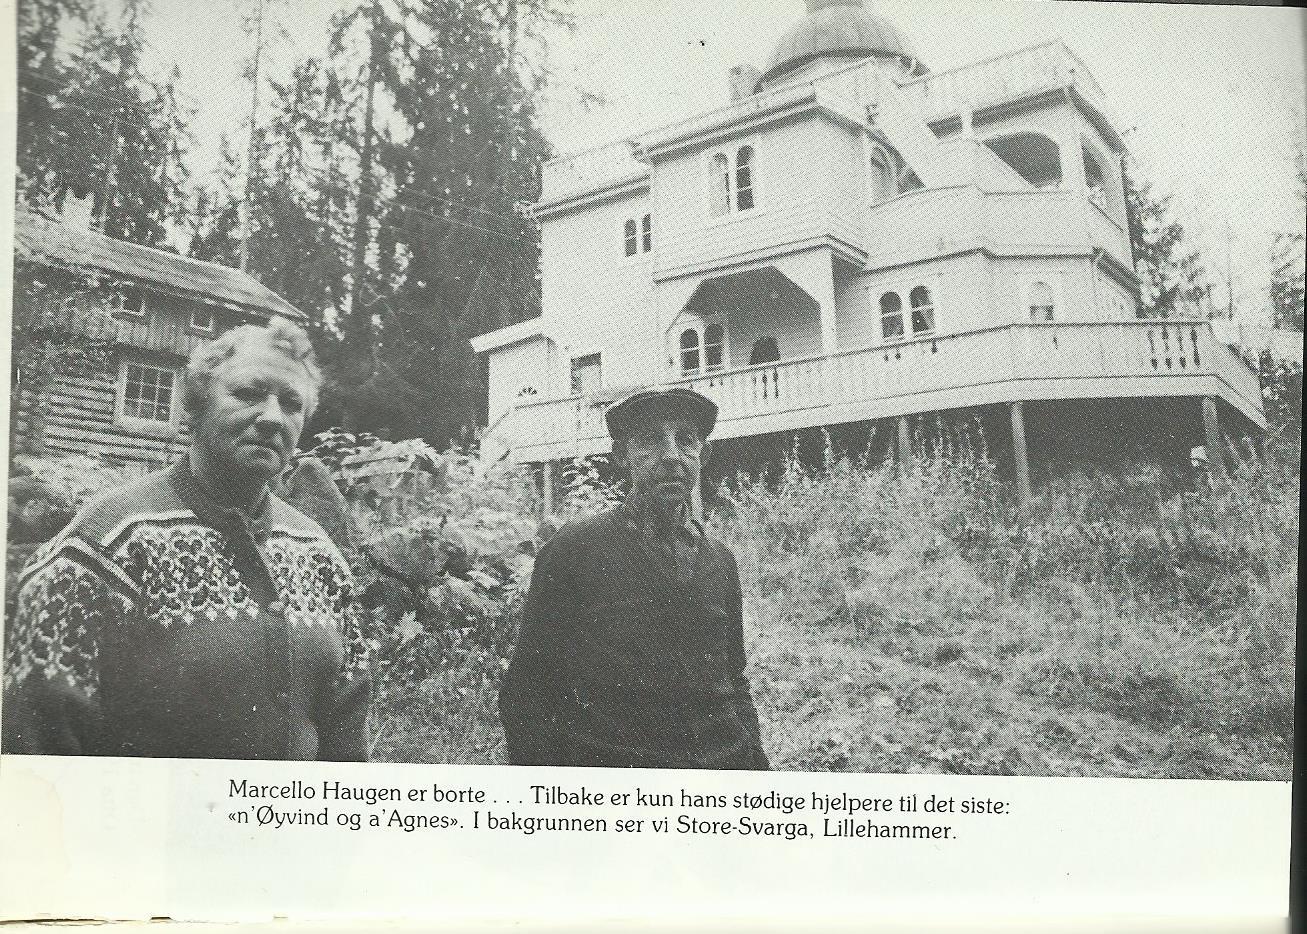 Øyvind og Agnes